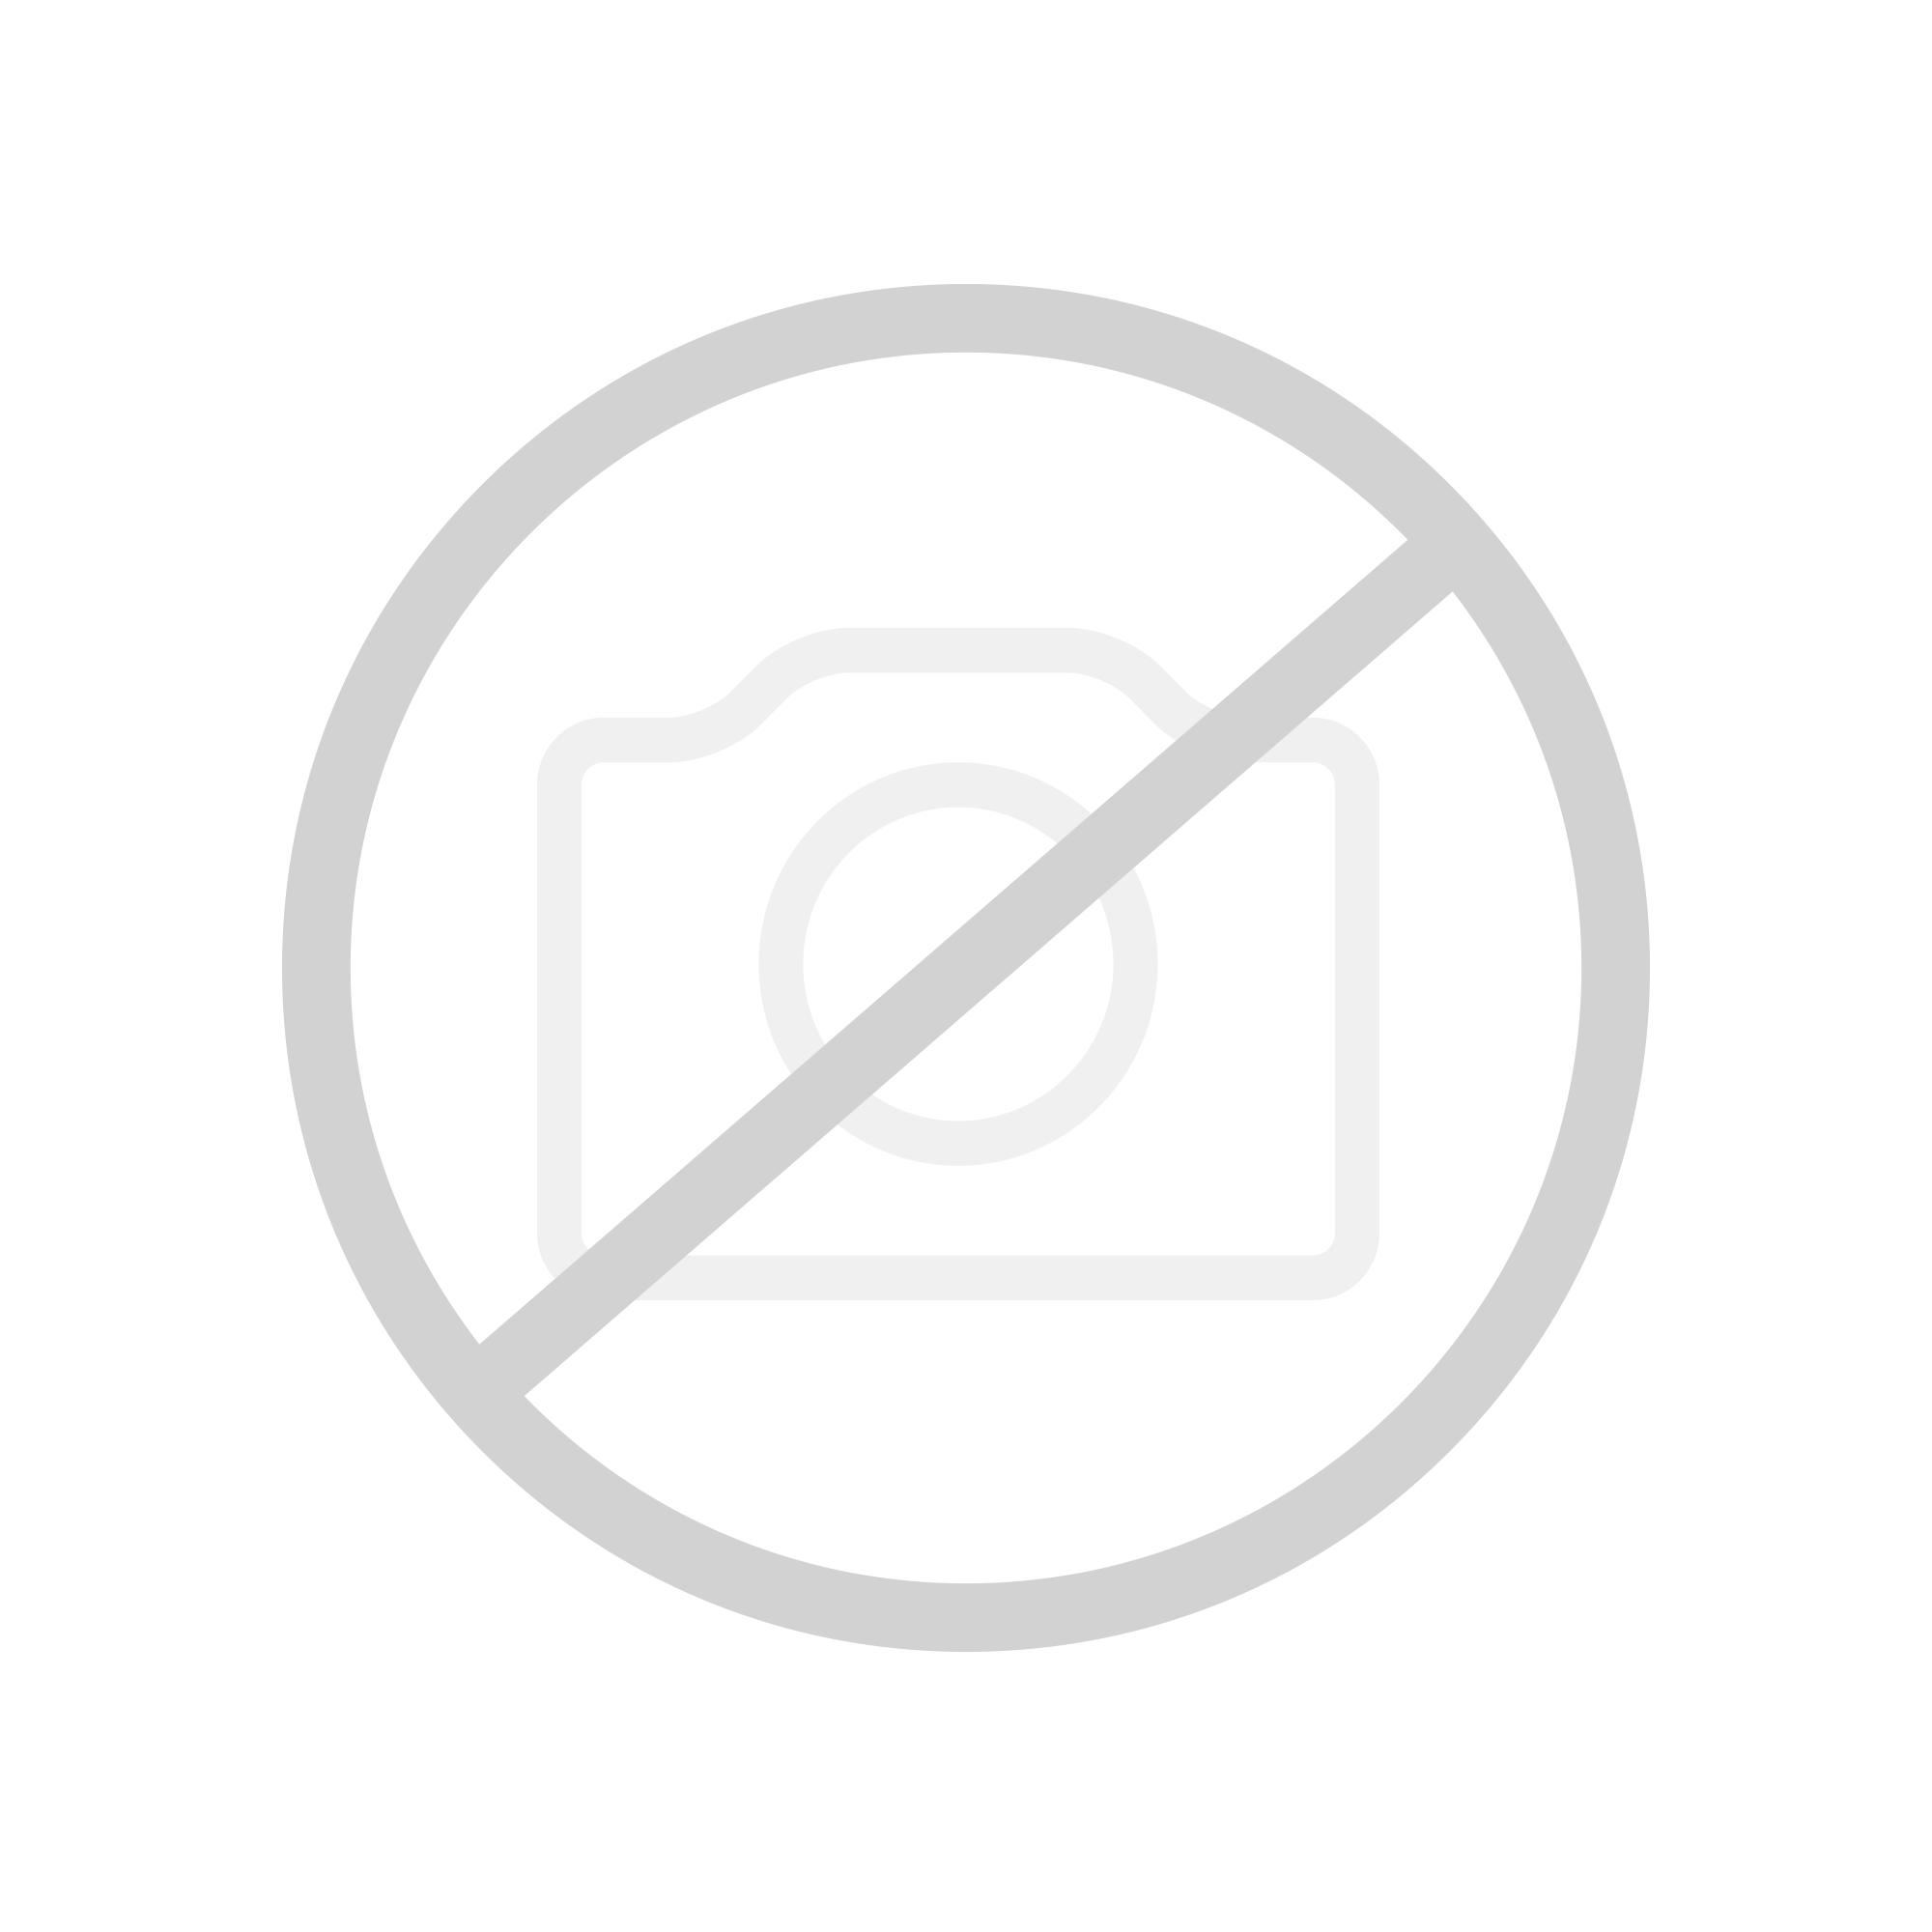 Hansgrohe Talis S² Variarc Einhebel Küchenarmatur mit Ausziehbrause DN15 chrom